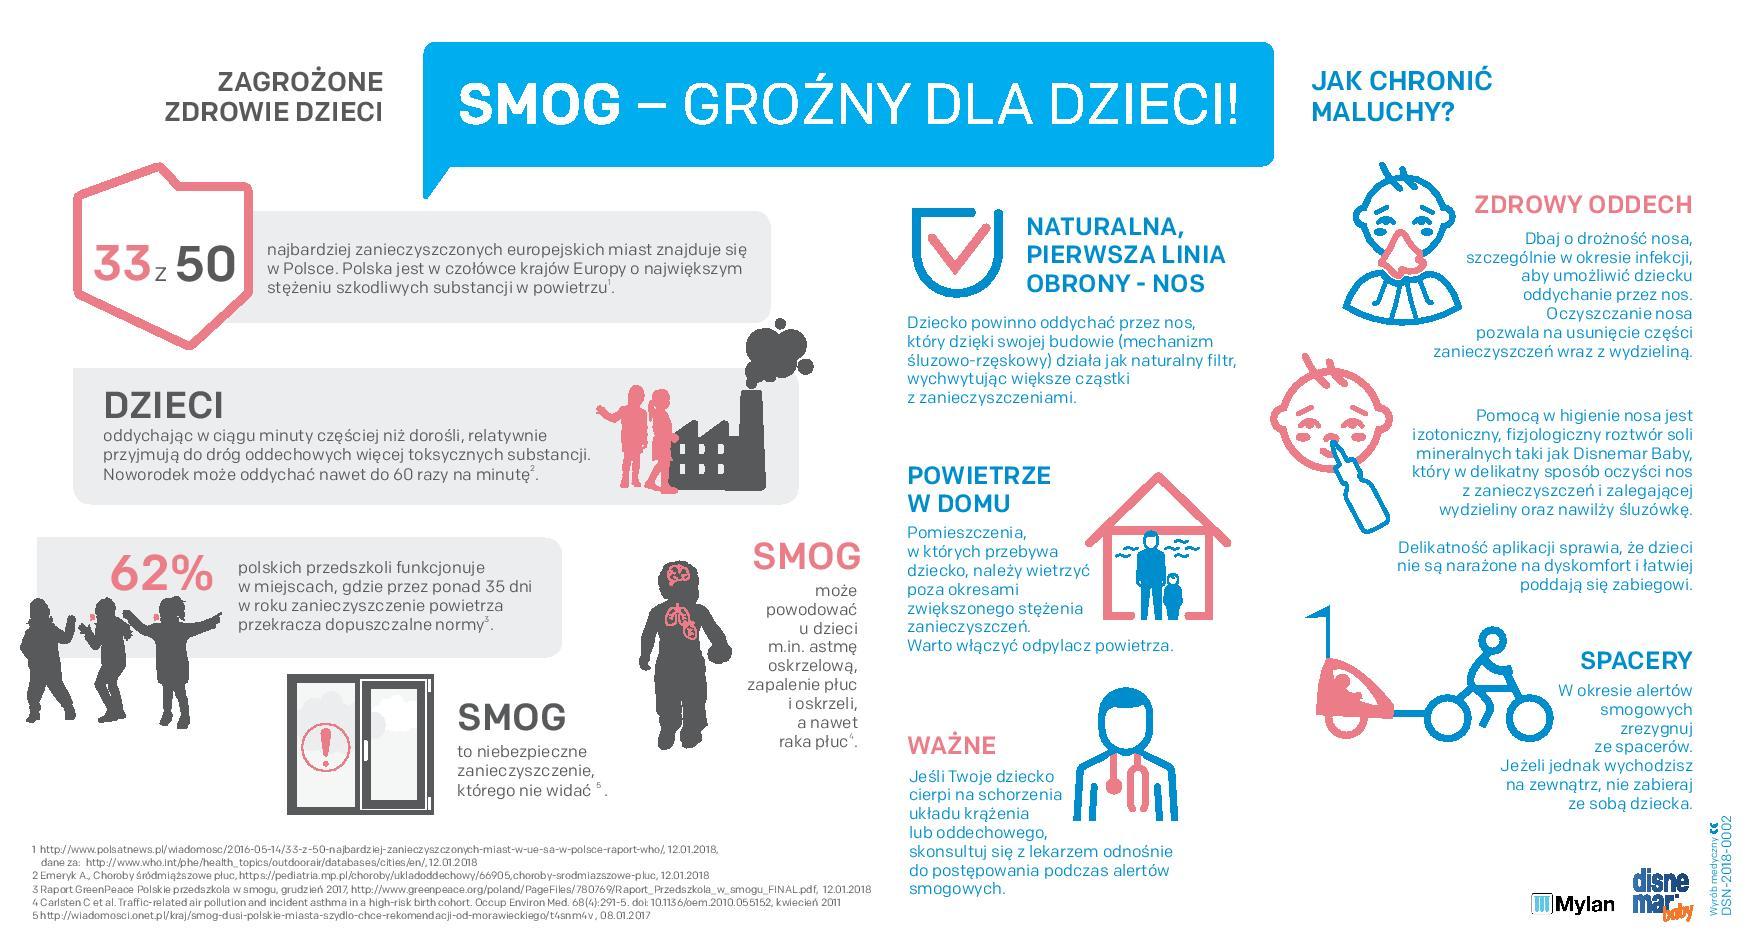 Infografika_Smog_szczególnie-groźny-dla-dzieci